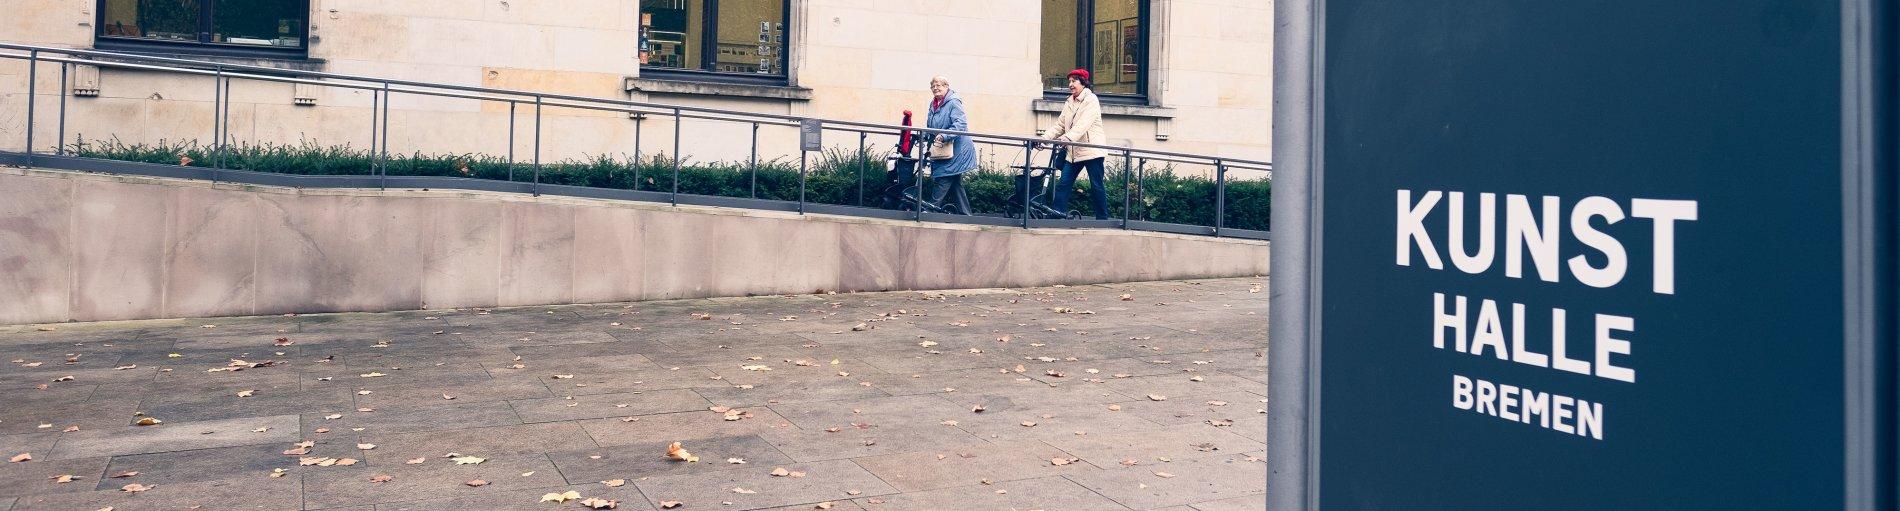 Zwei Damen mit Rollatoren laufen die Rampe vor der Kunsthalle Bremen herauf.